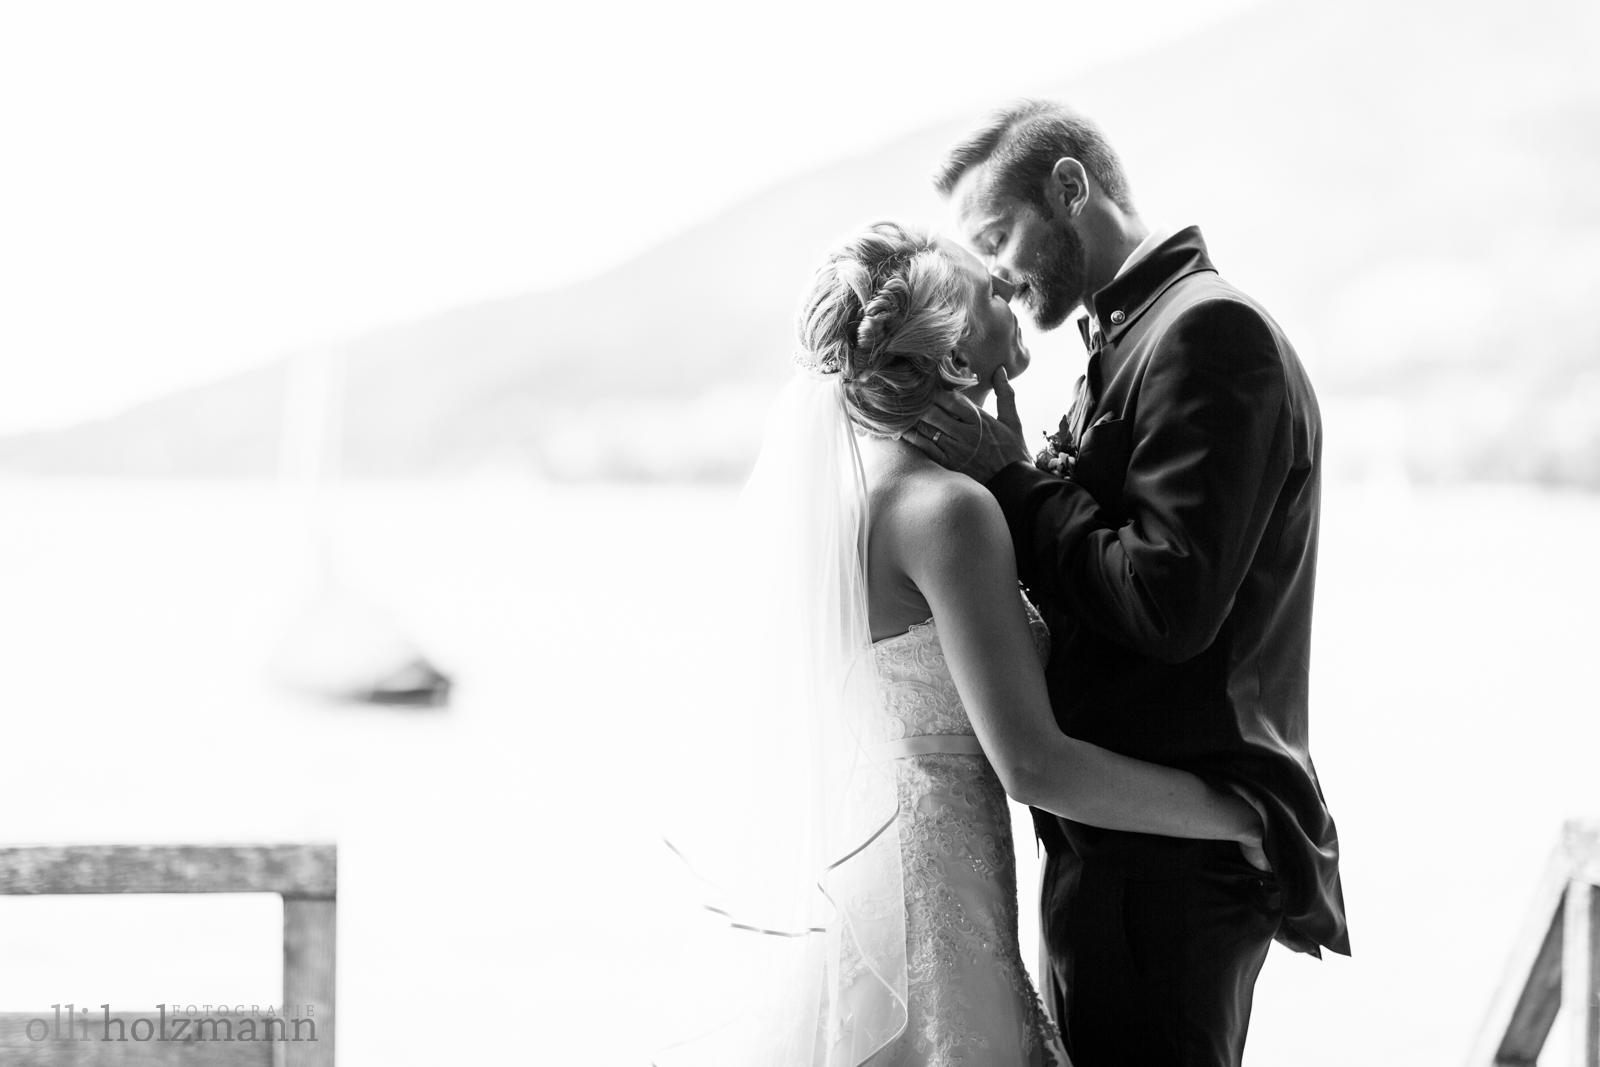 Hochzeitsfotograf_muenchen-5.jpg